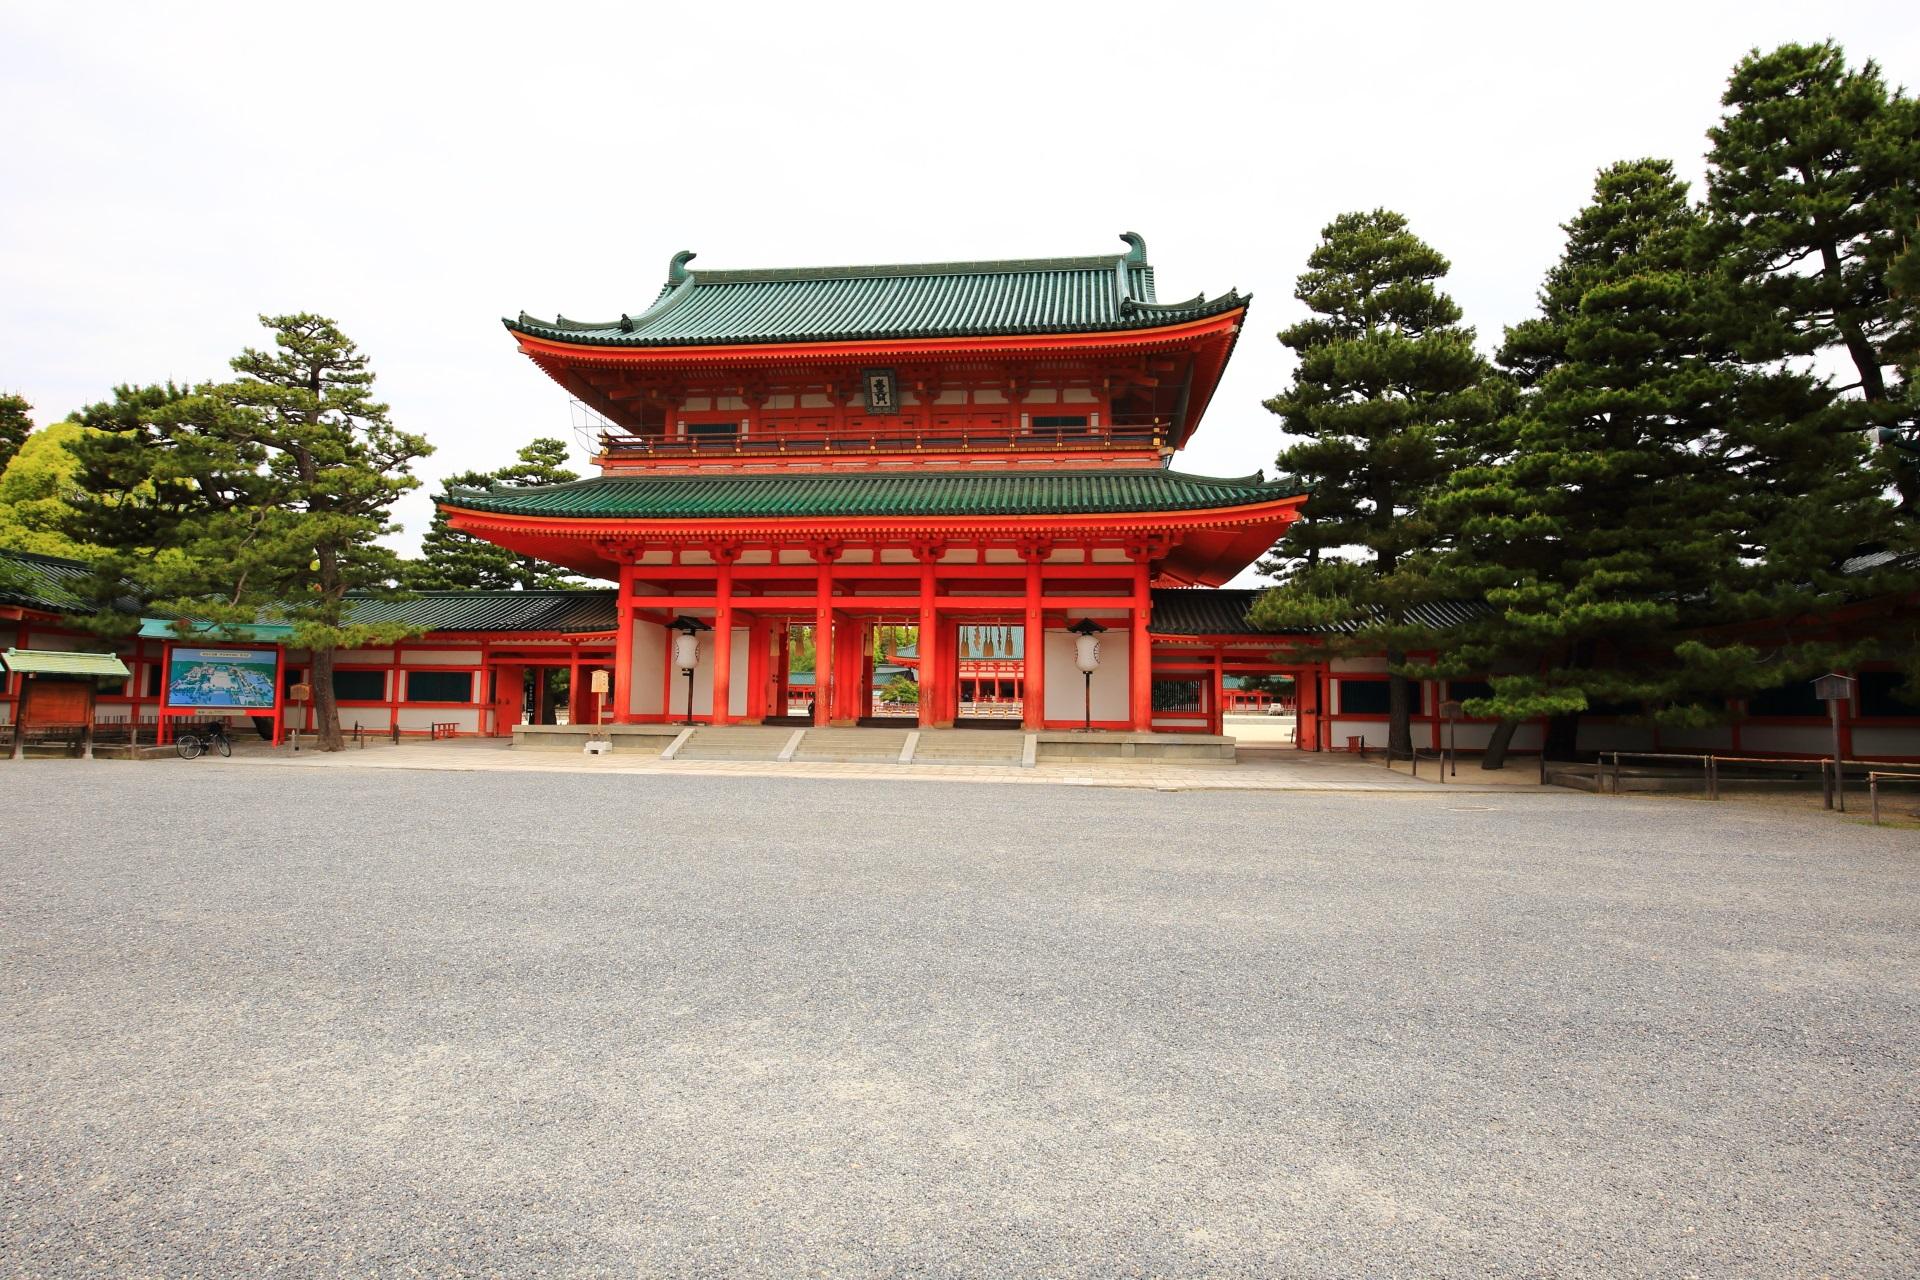 雄大で鮮やかな色合いの平安神宮の応天門